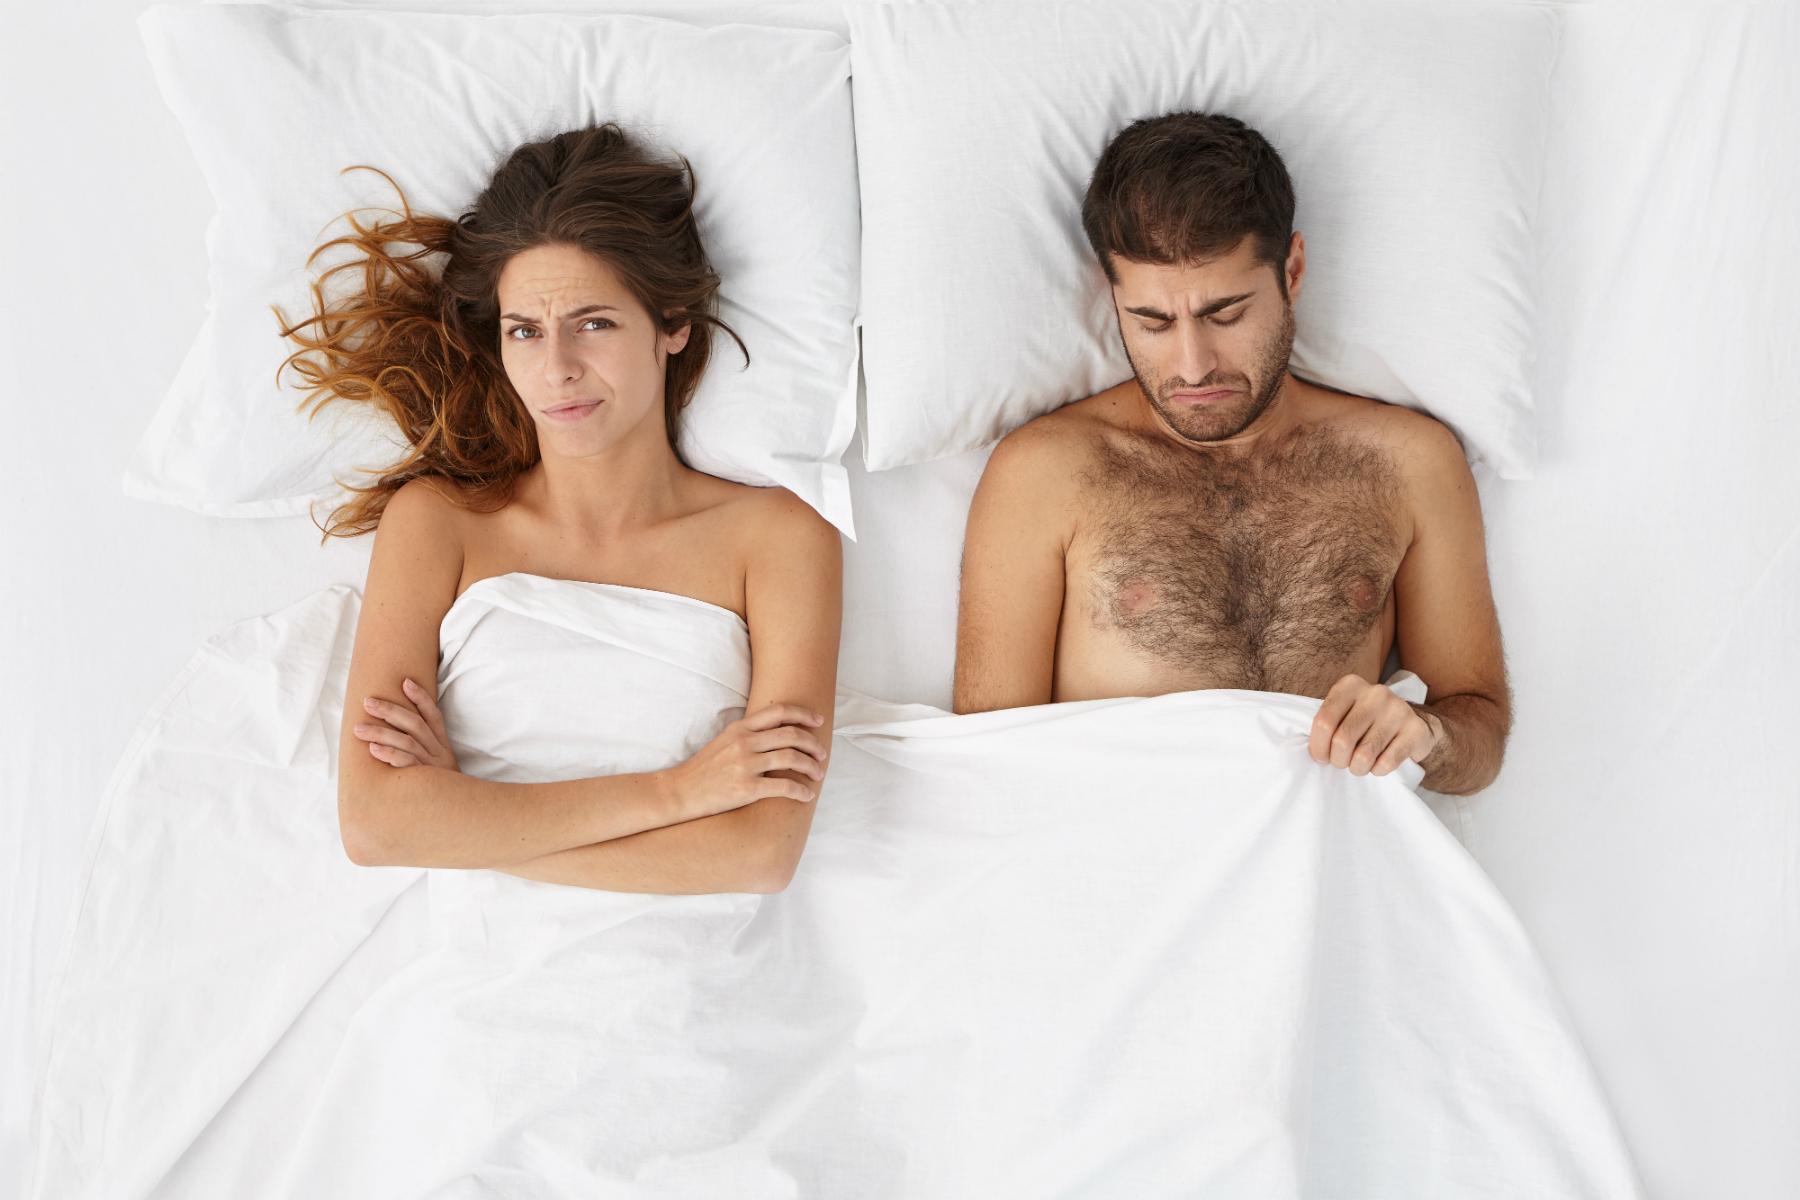 Kobiety również stosują przemoc psychiczną wobec mężczyzn (fot: Shutterstock.com)